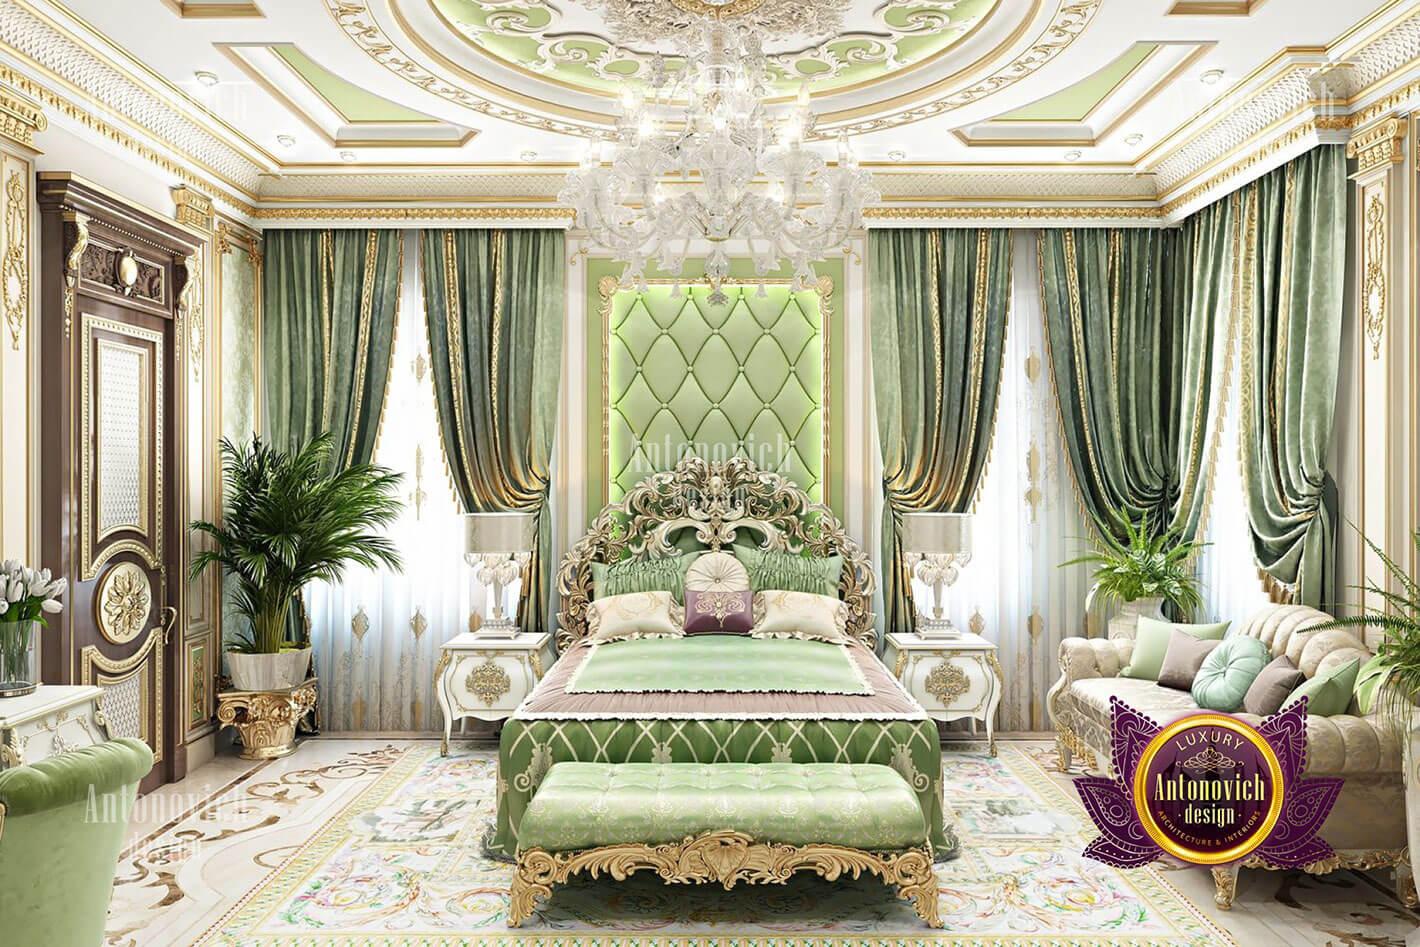 phòng ngủ hoàng gia đẹp màu xanh